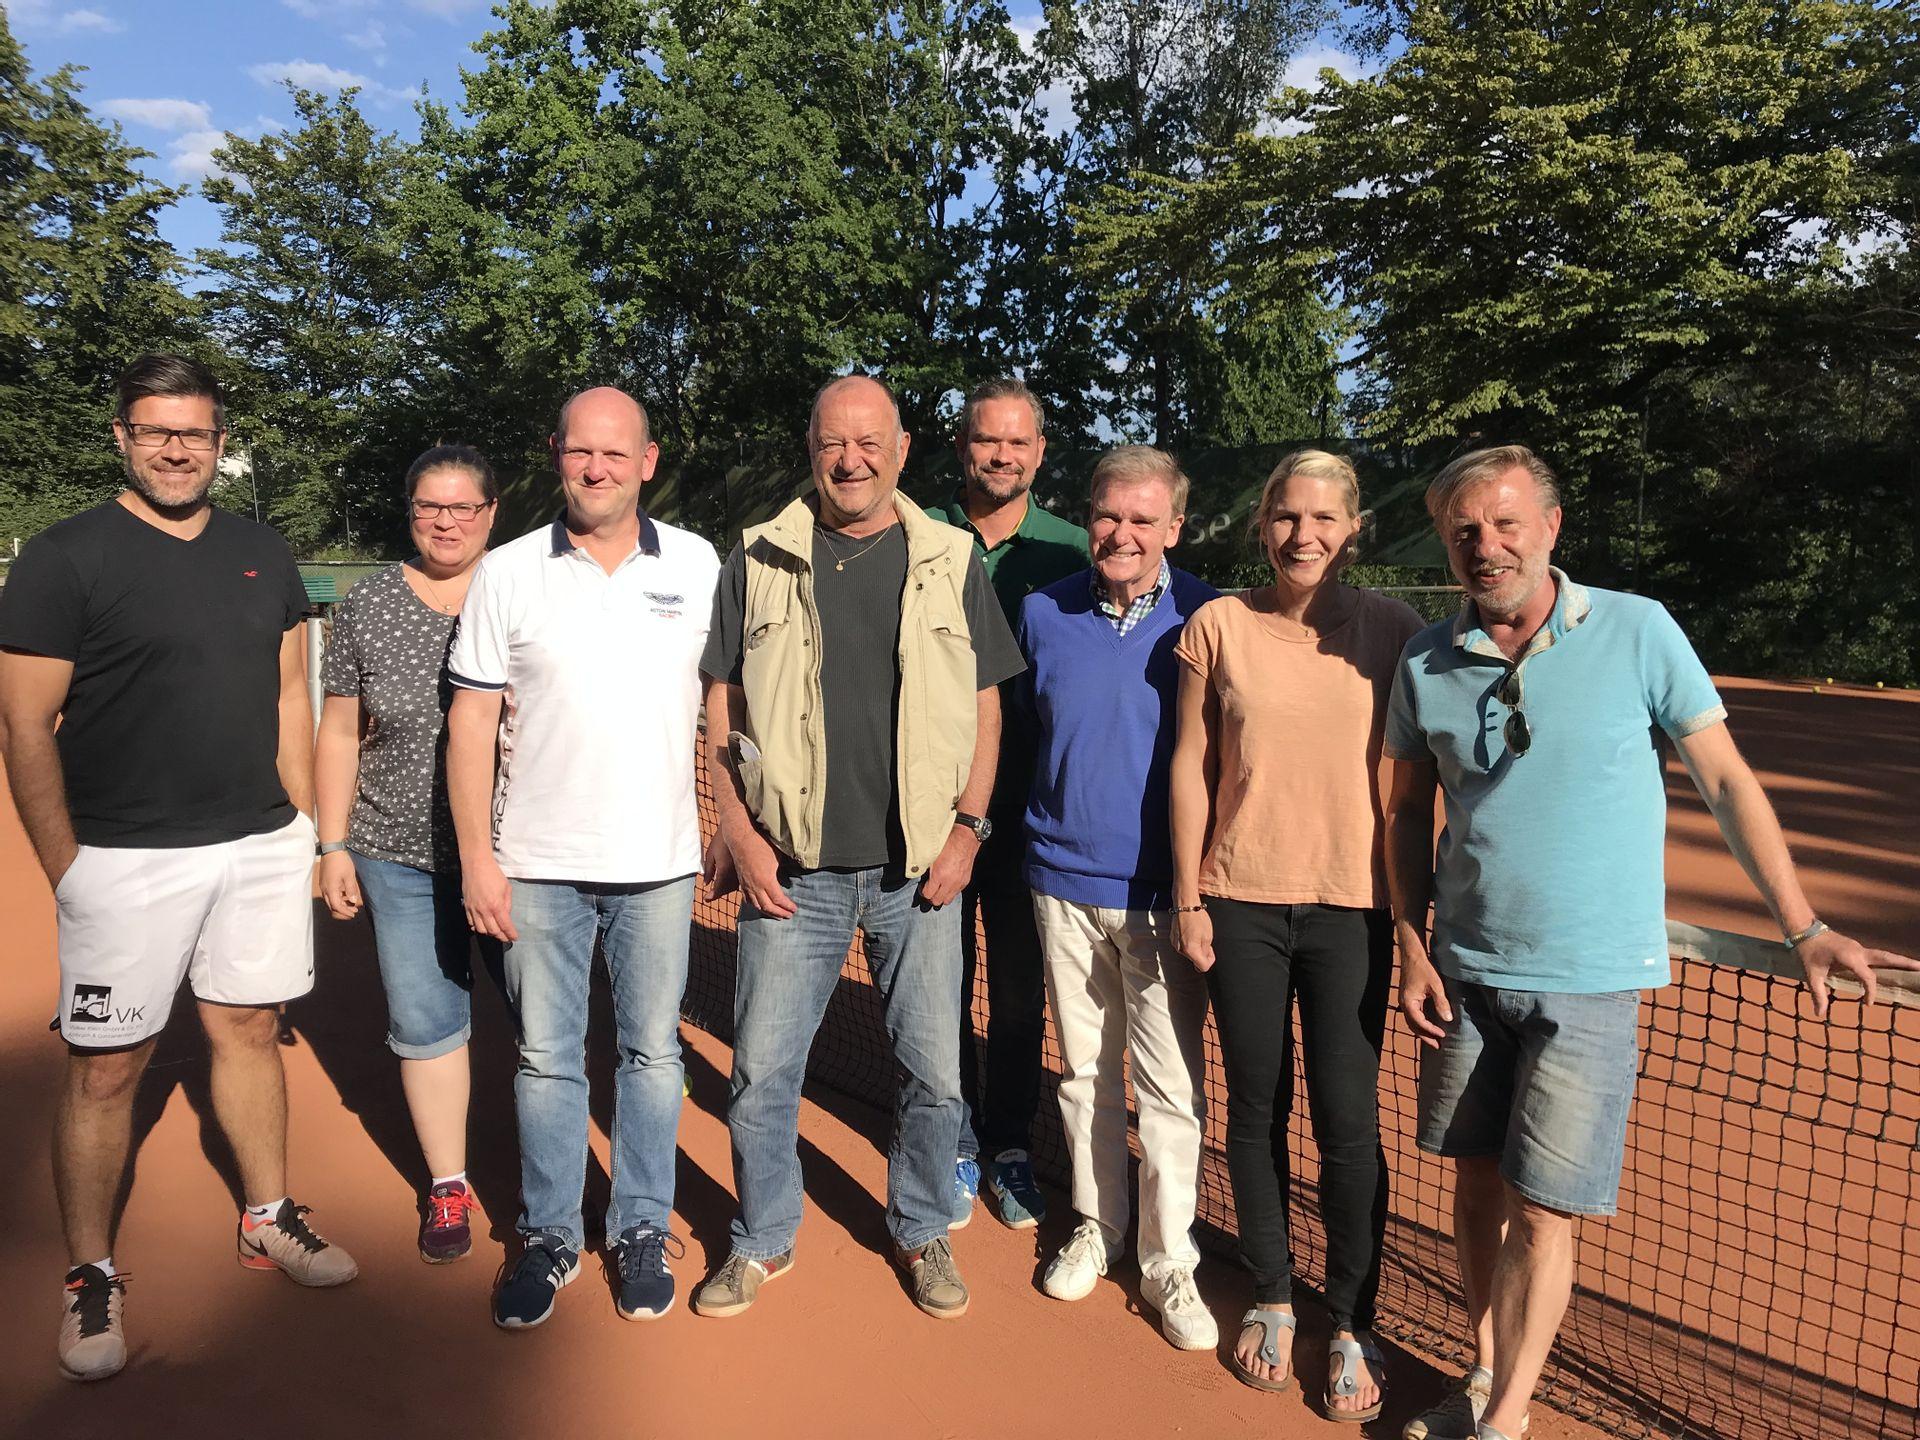 Vorstand   TC RW STEELE - TENNIS IN ESSEN